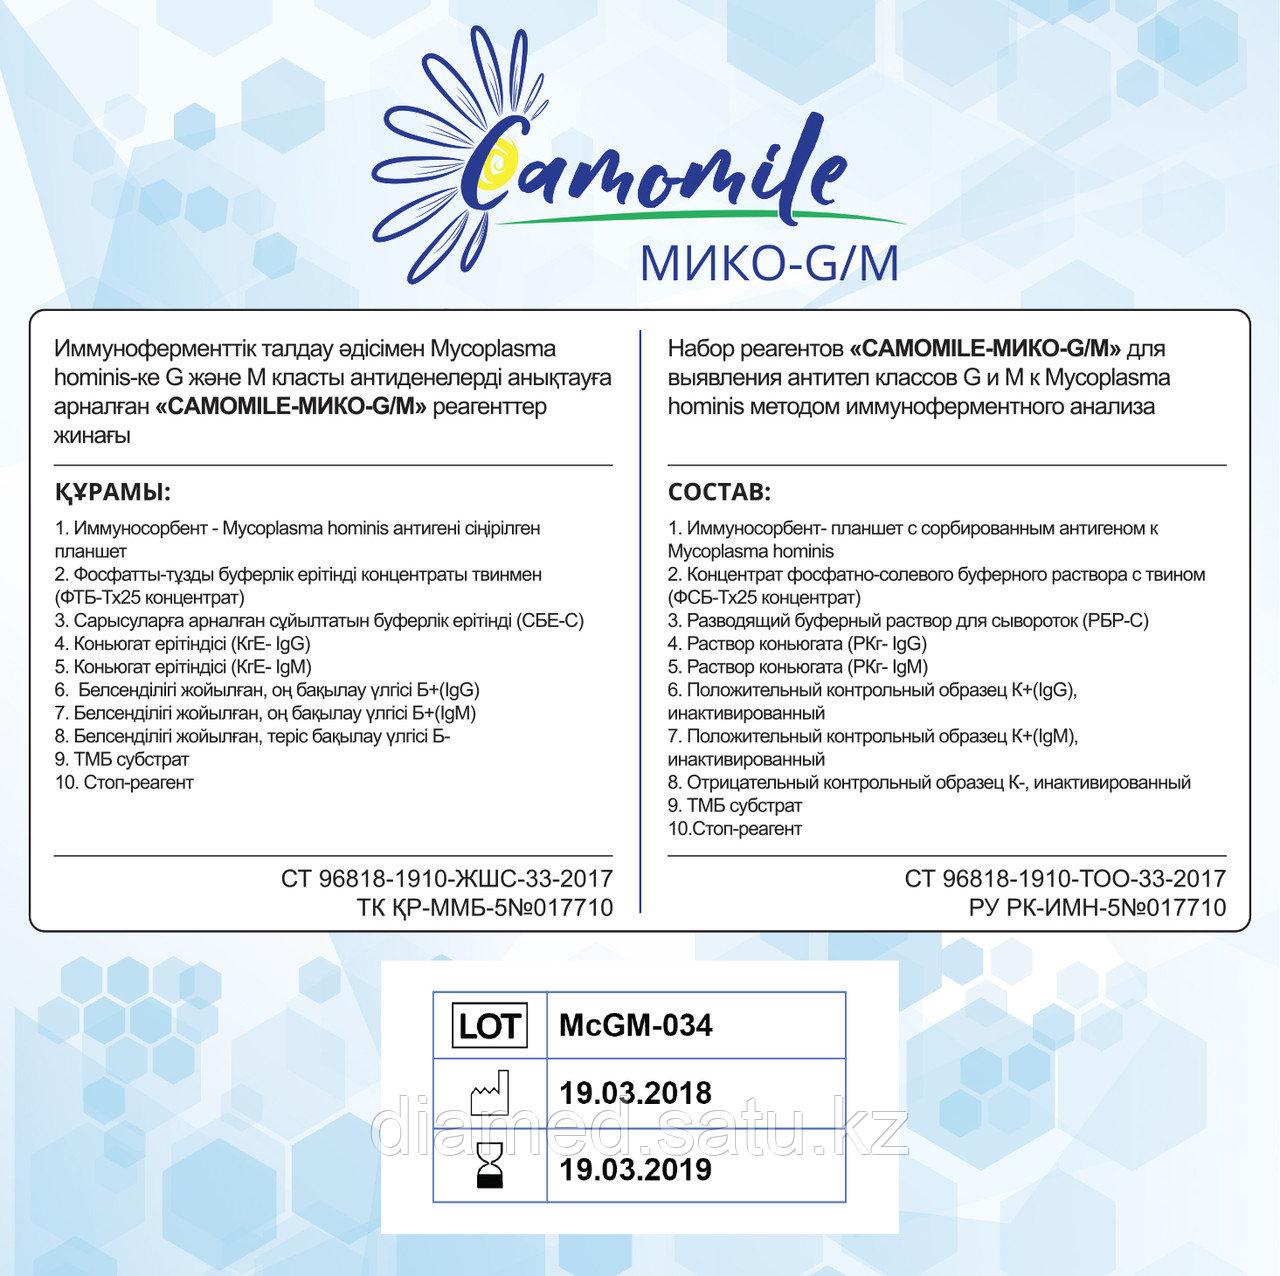 ИФА реагенты CAMOMILE-Мико-G/М